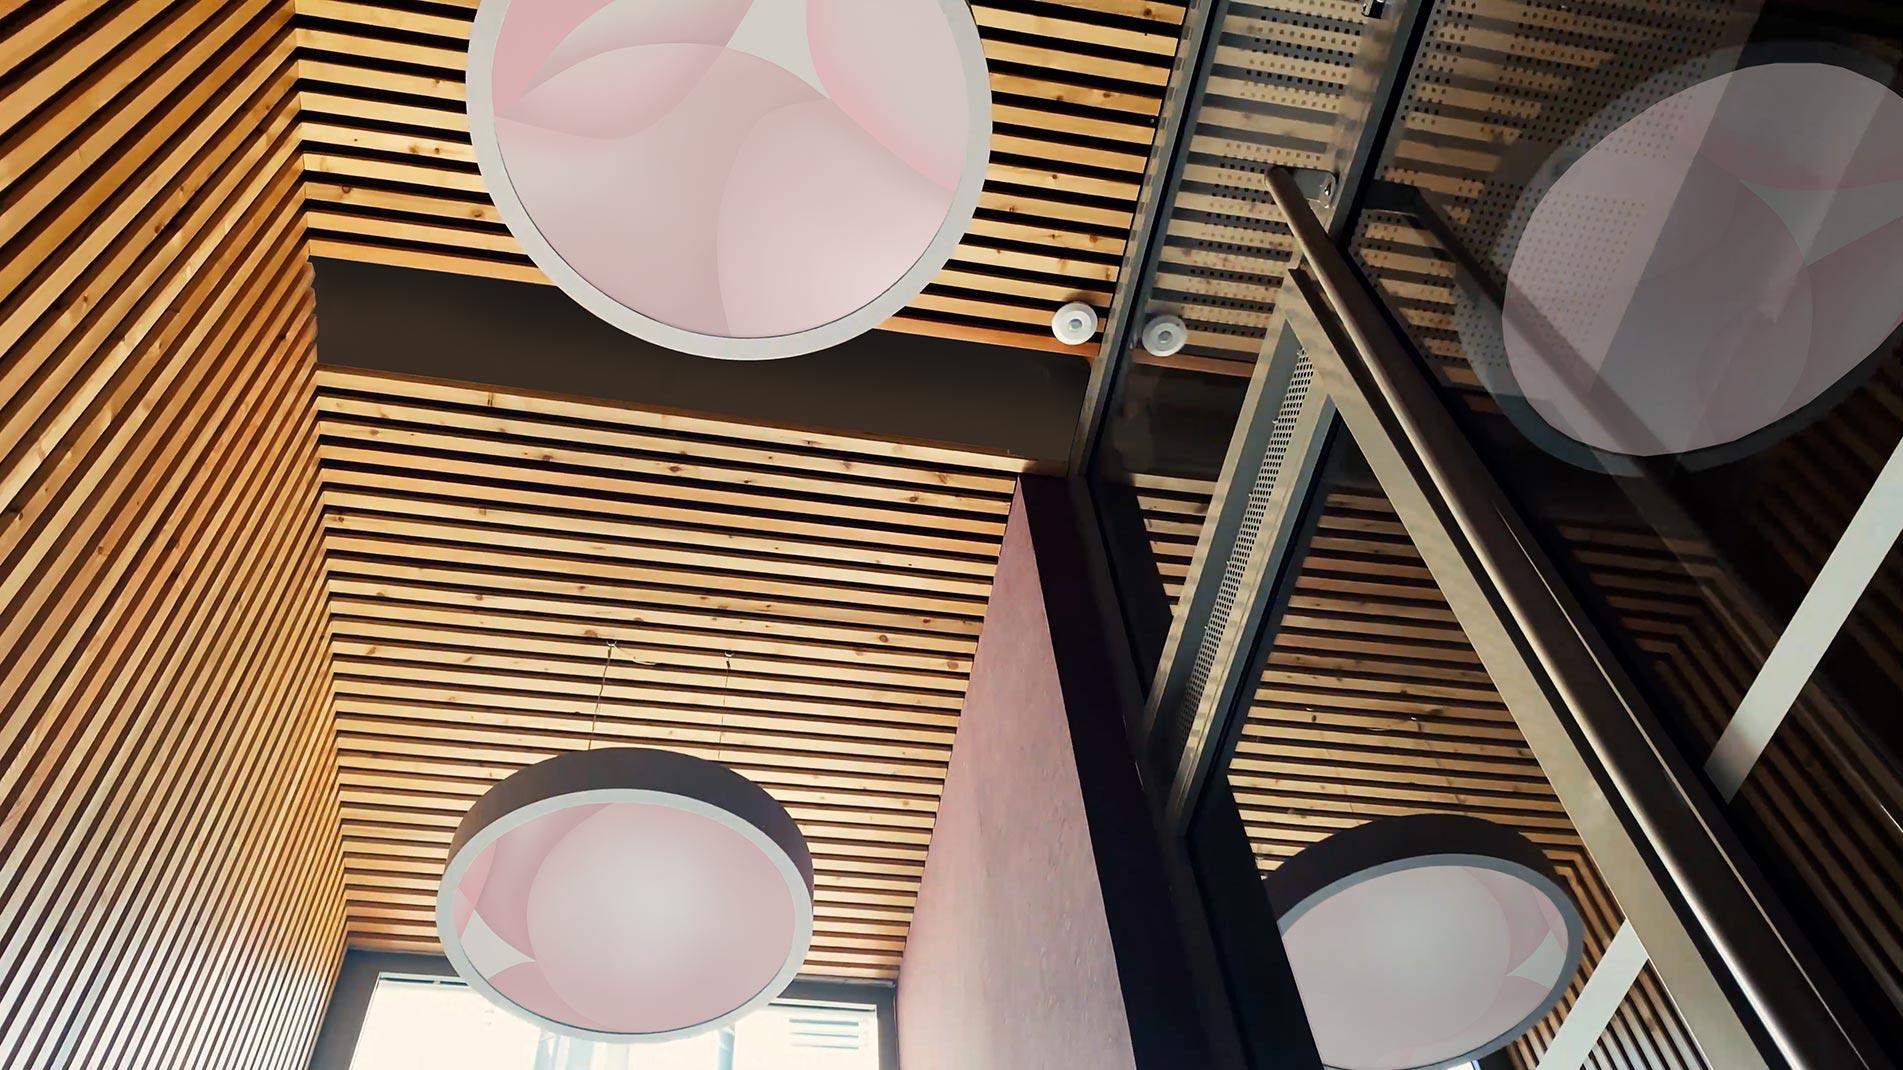 Installations lumineuses de Guillaume Bottazzi à Lyon, composée de 6 oeuvres d'art rétroéclairées